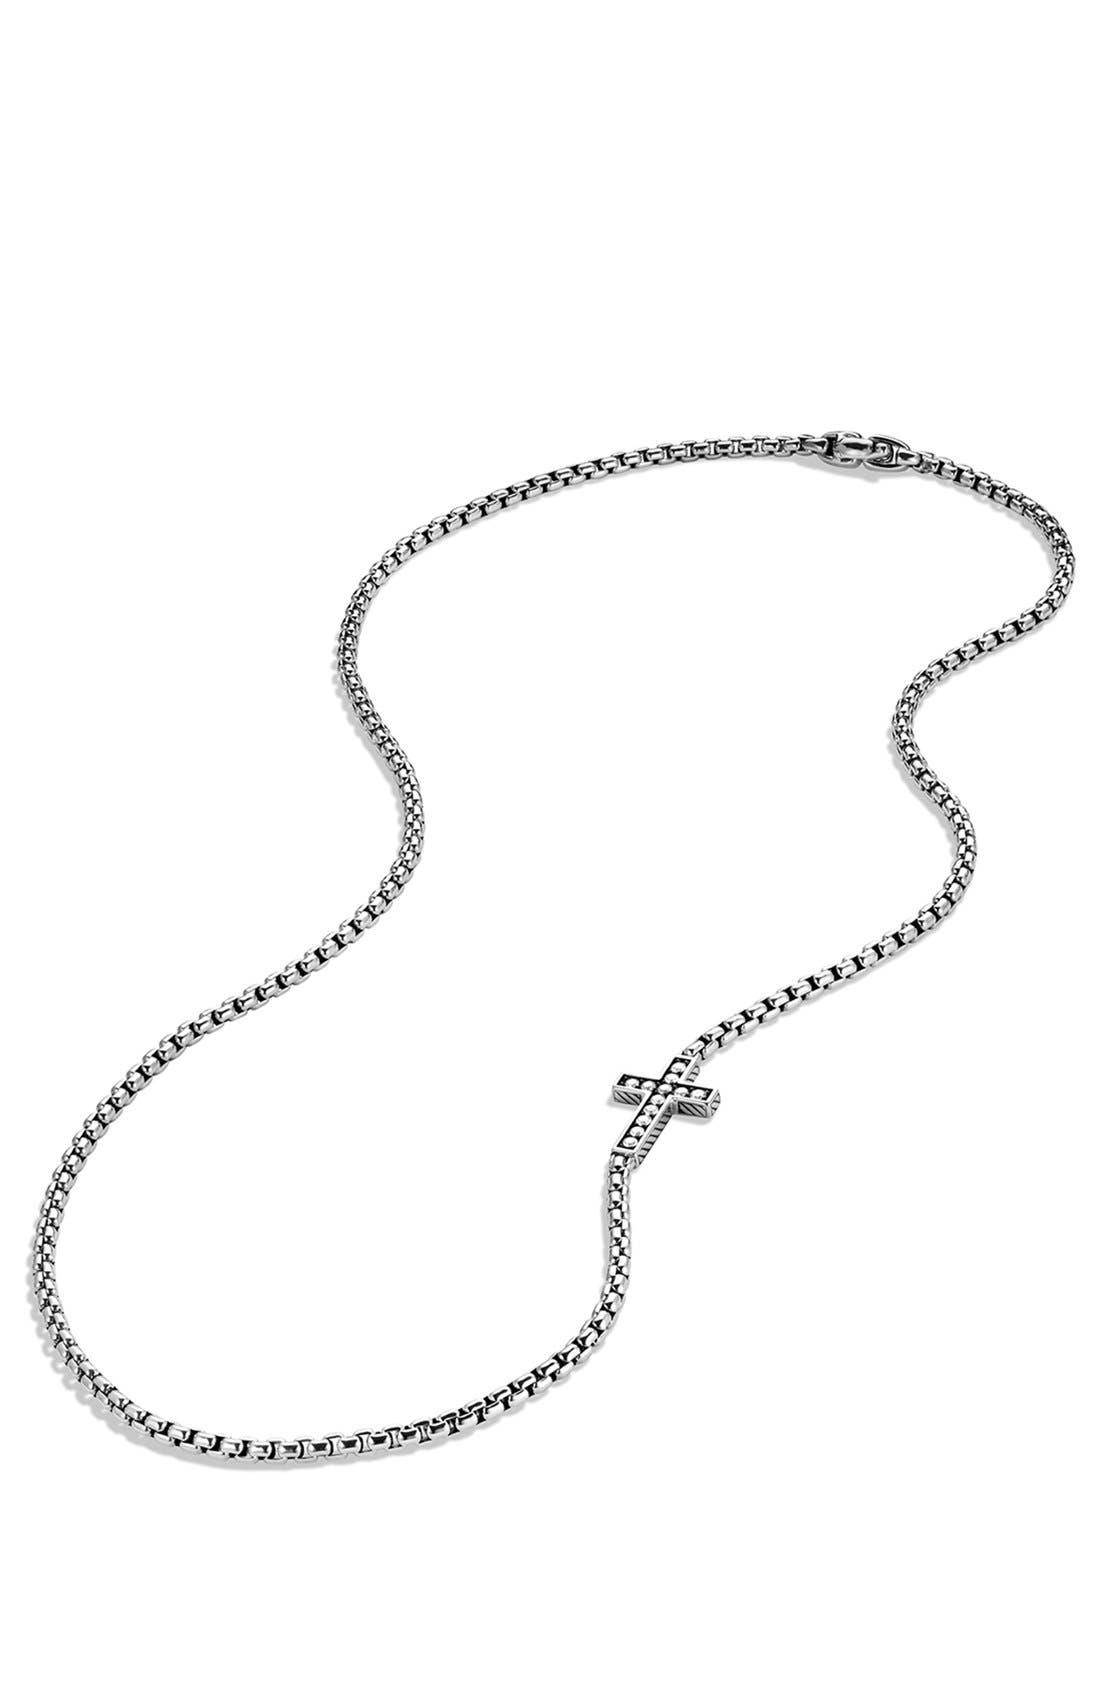 Alternate Image 3  - David Yurman Pavé Cross Necklace with Diamonds